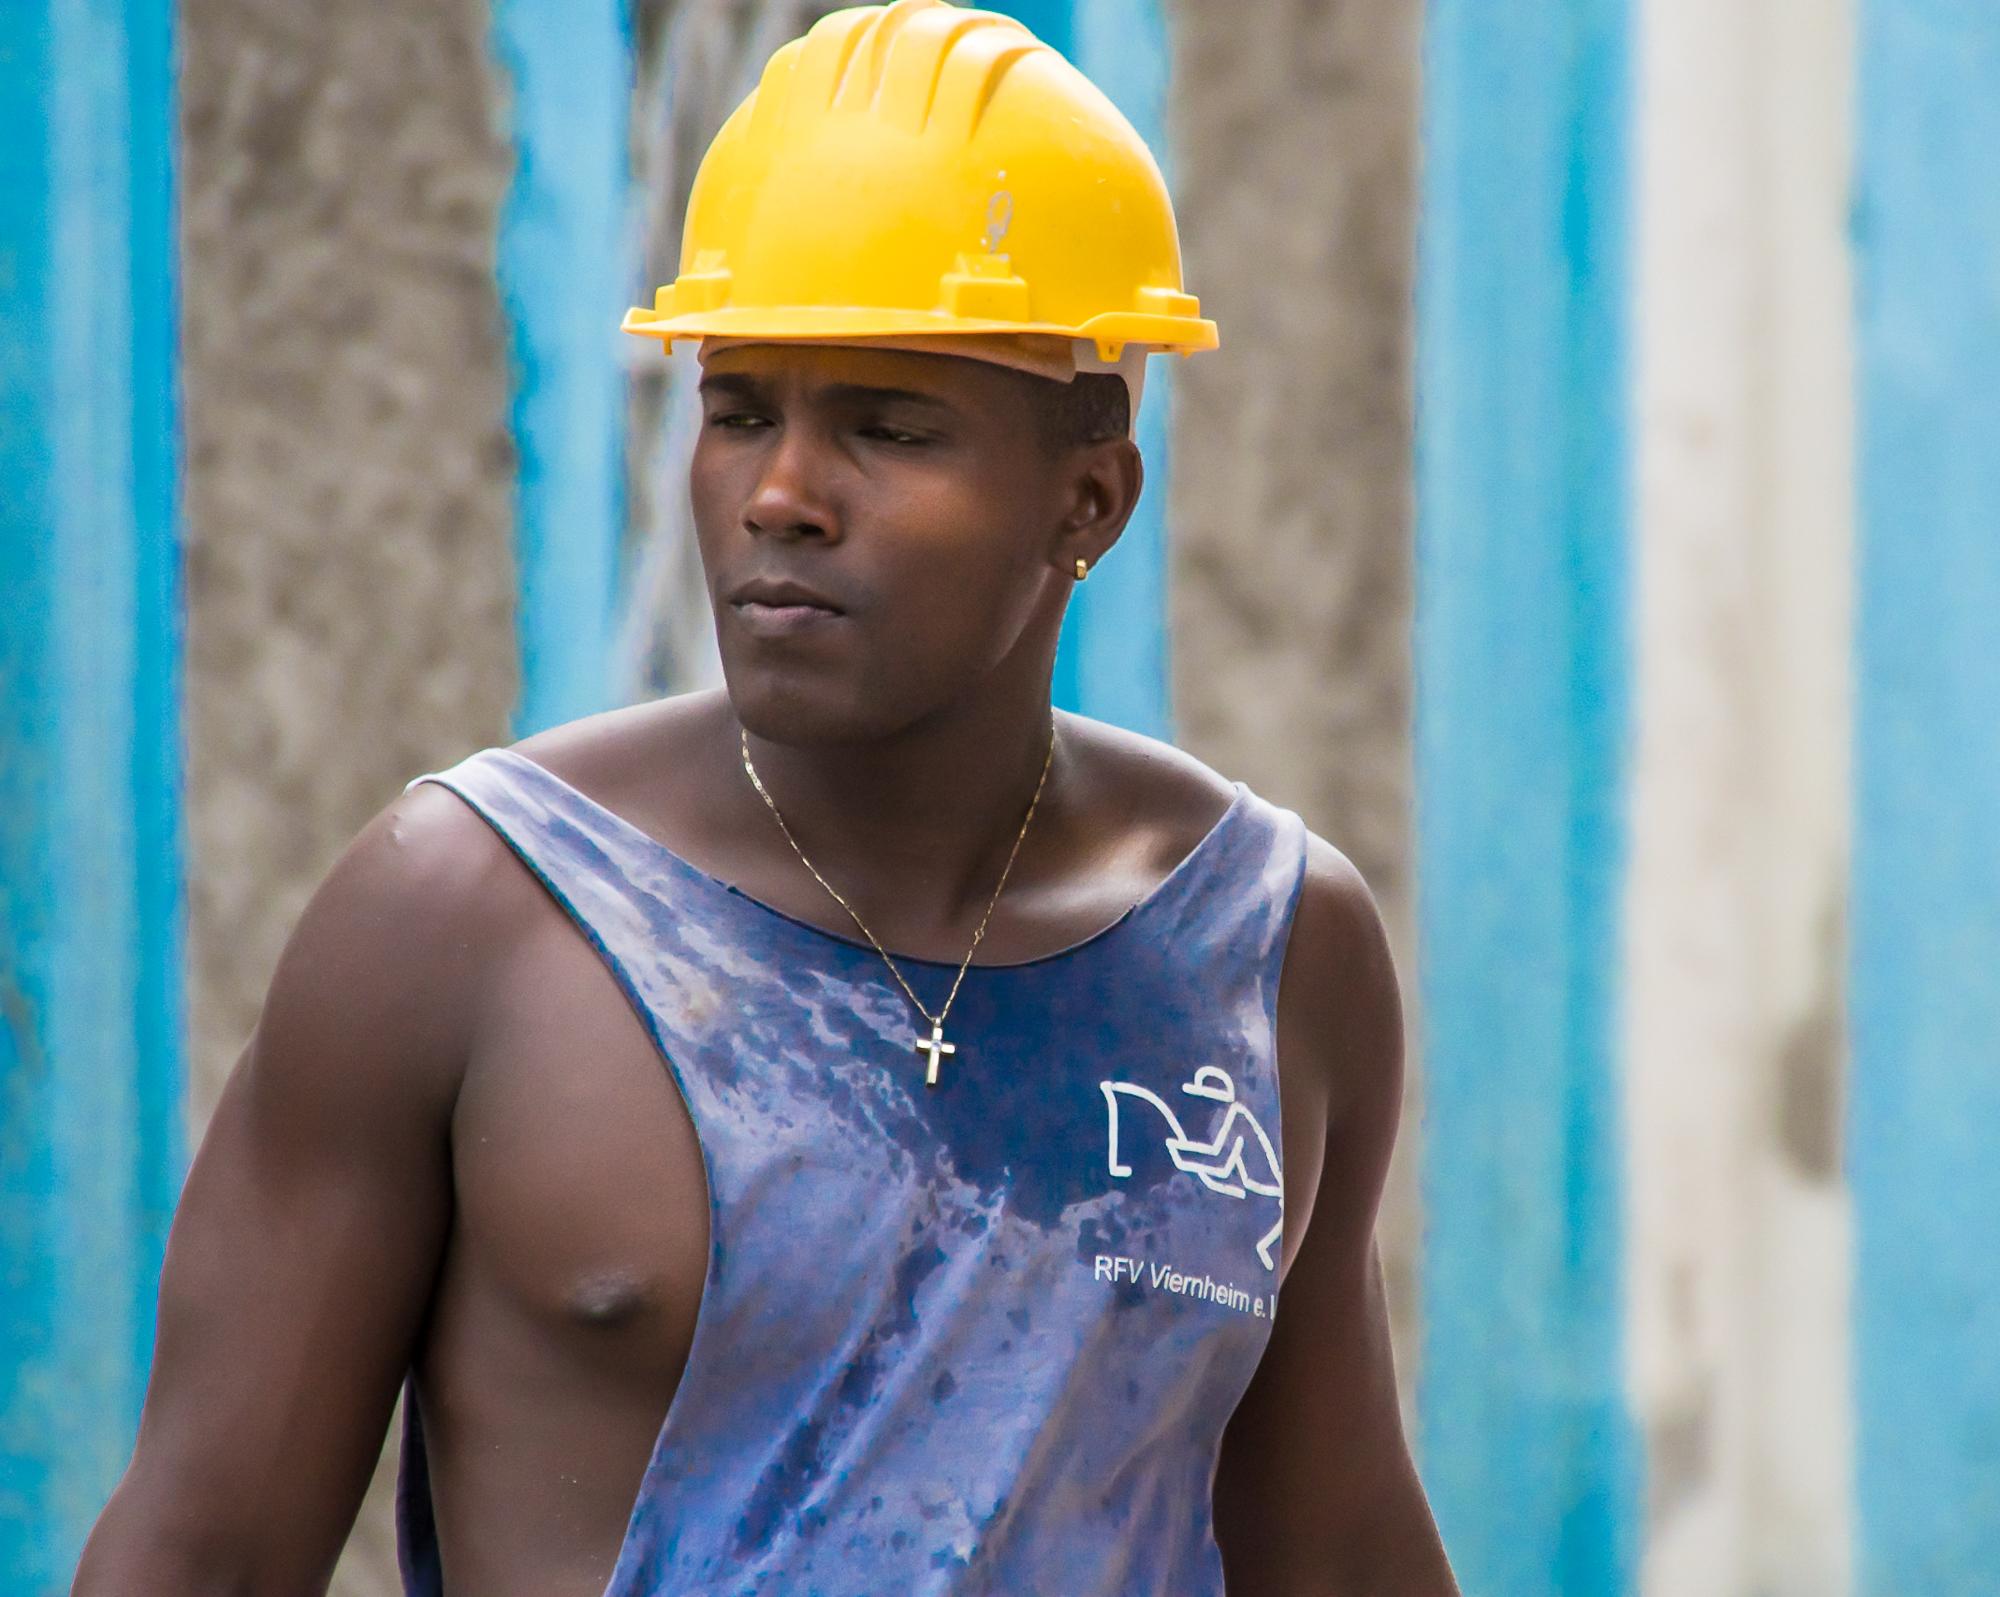 58146A - Hard Day's Work - Cuba